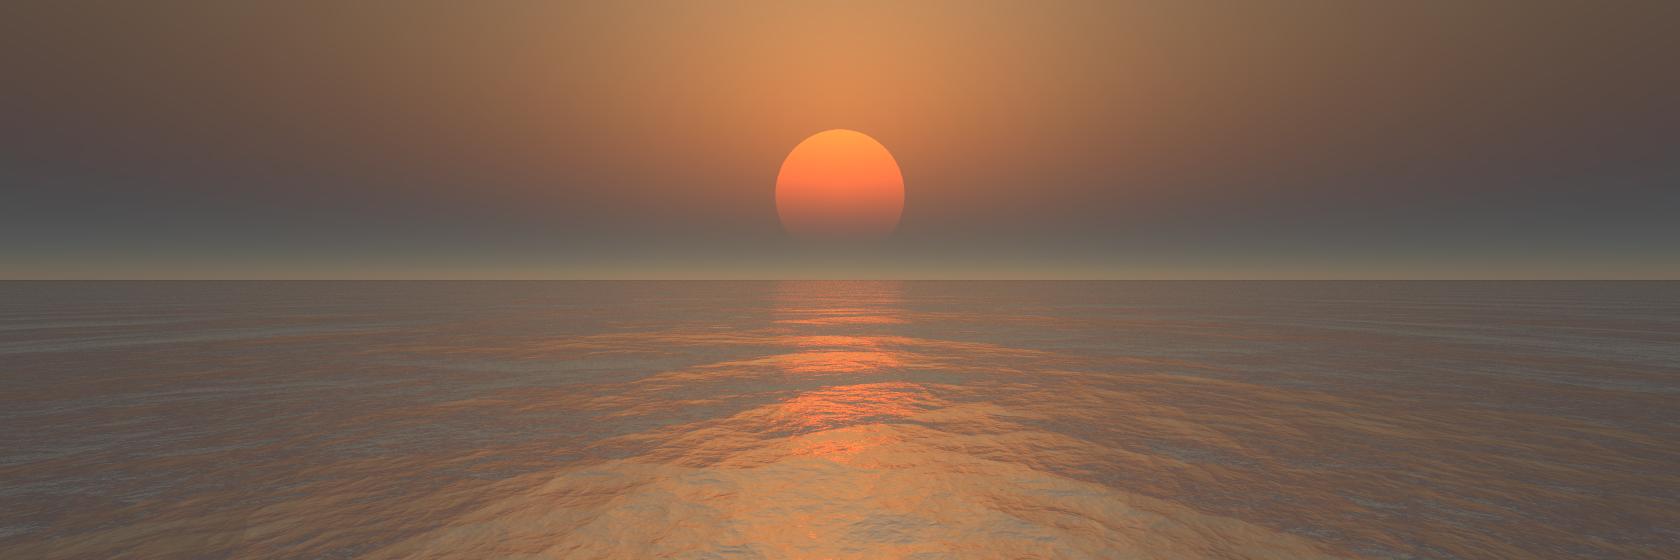 Picogen-Tutorial: A sunset